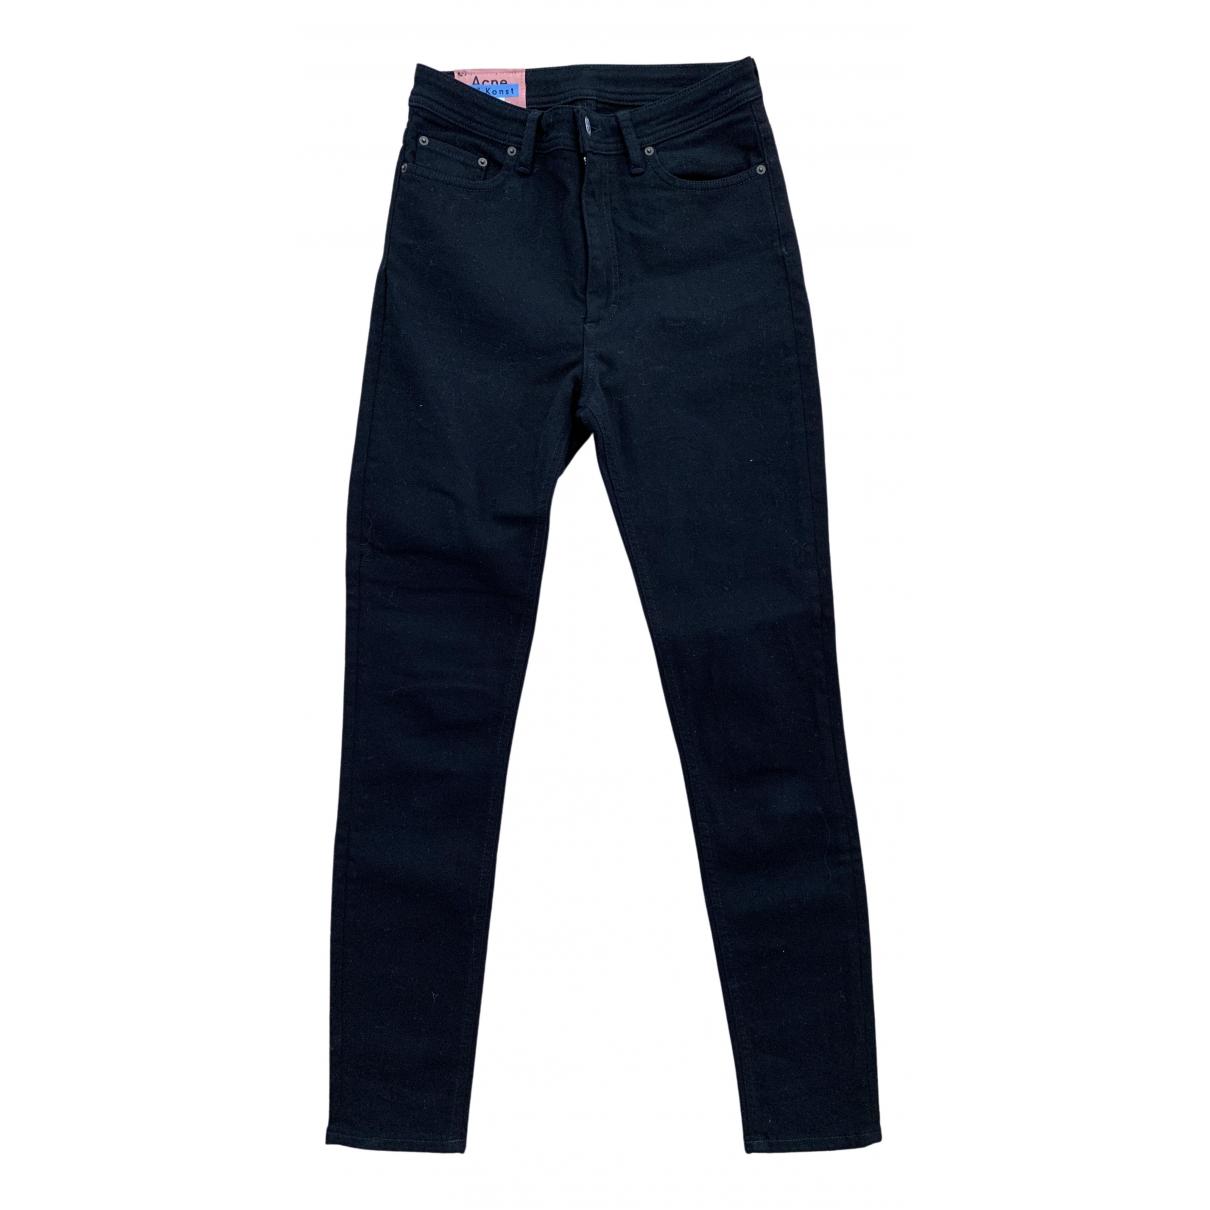 Acne Studios Blå Konst Black Cotton - elasthane Jeans for Women 28 US